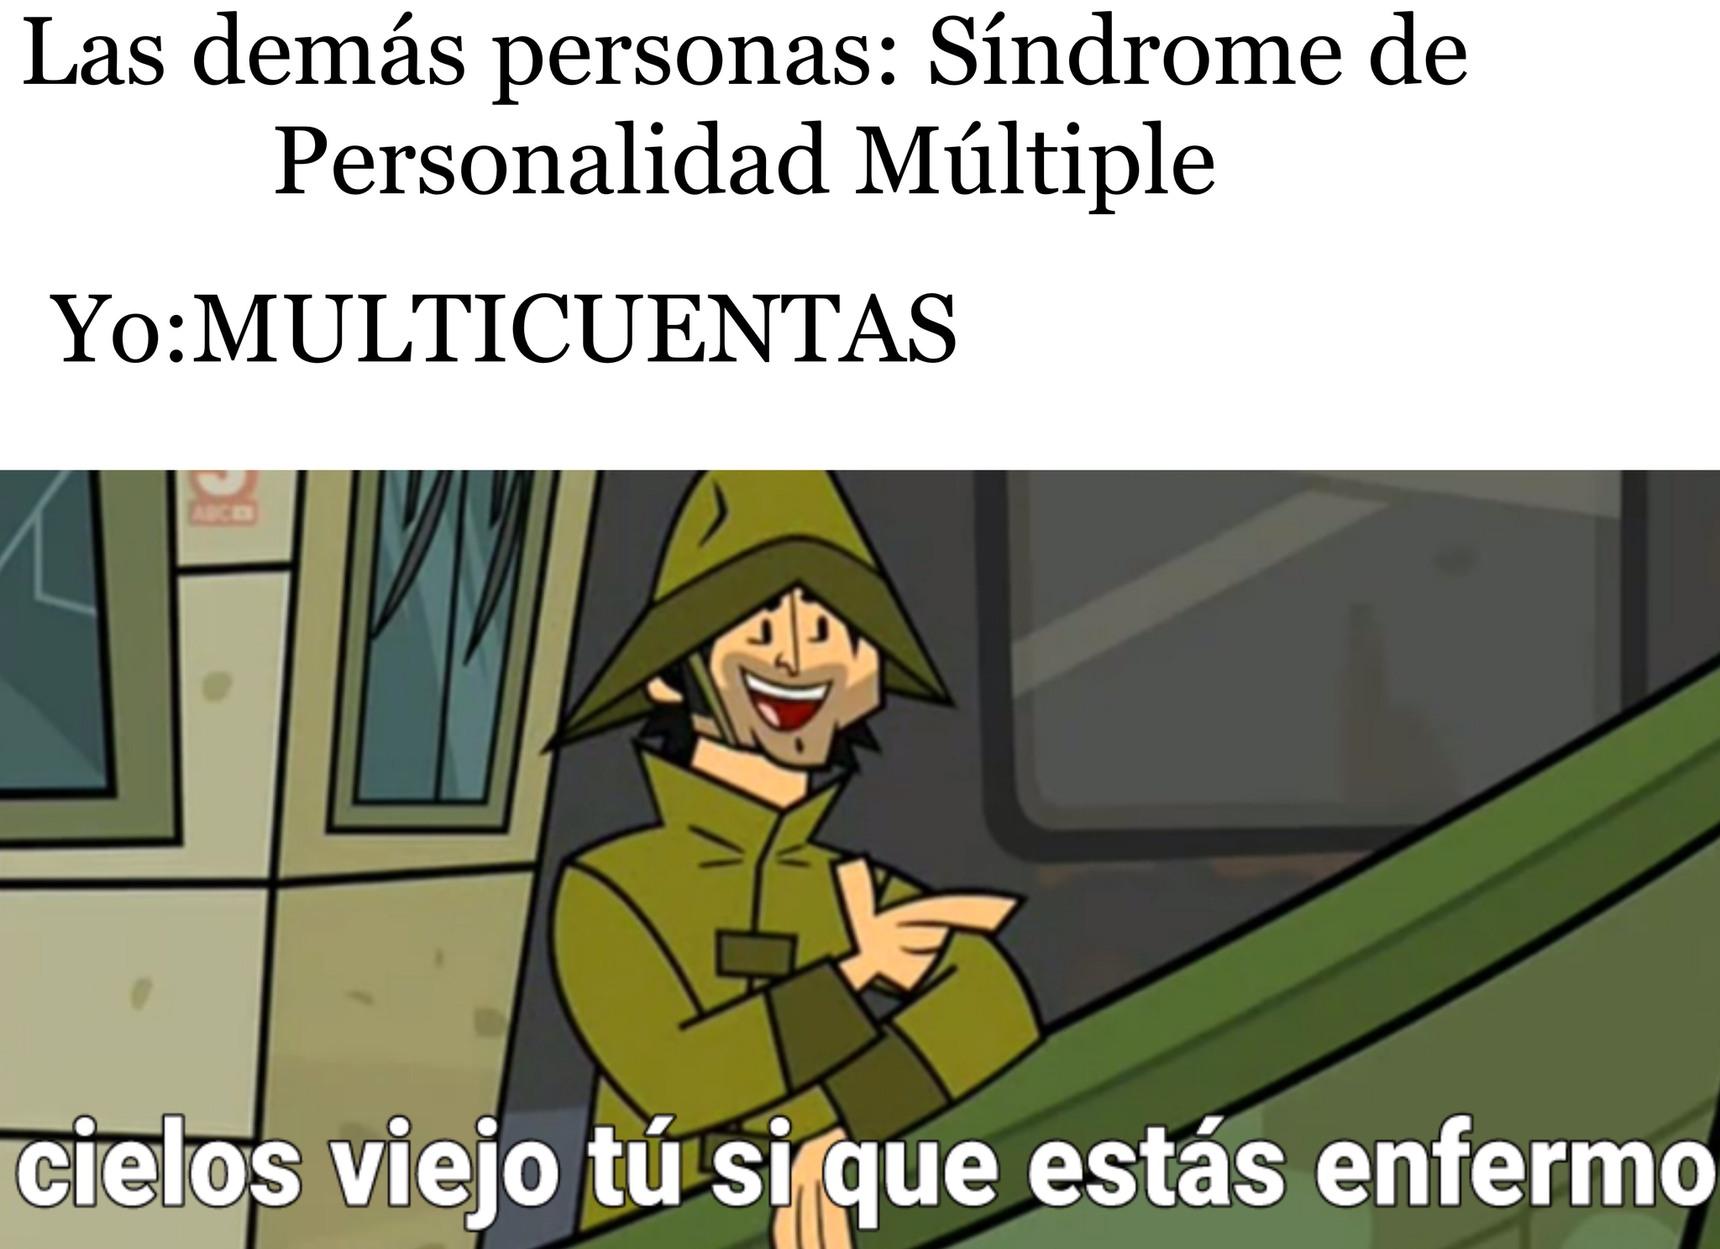 multis - meme